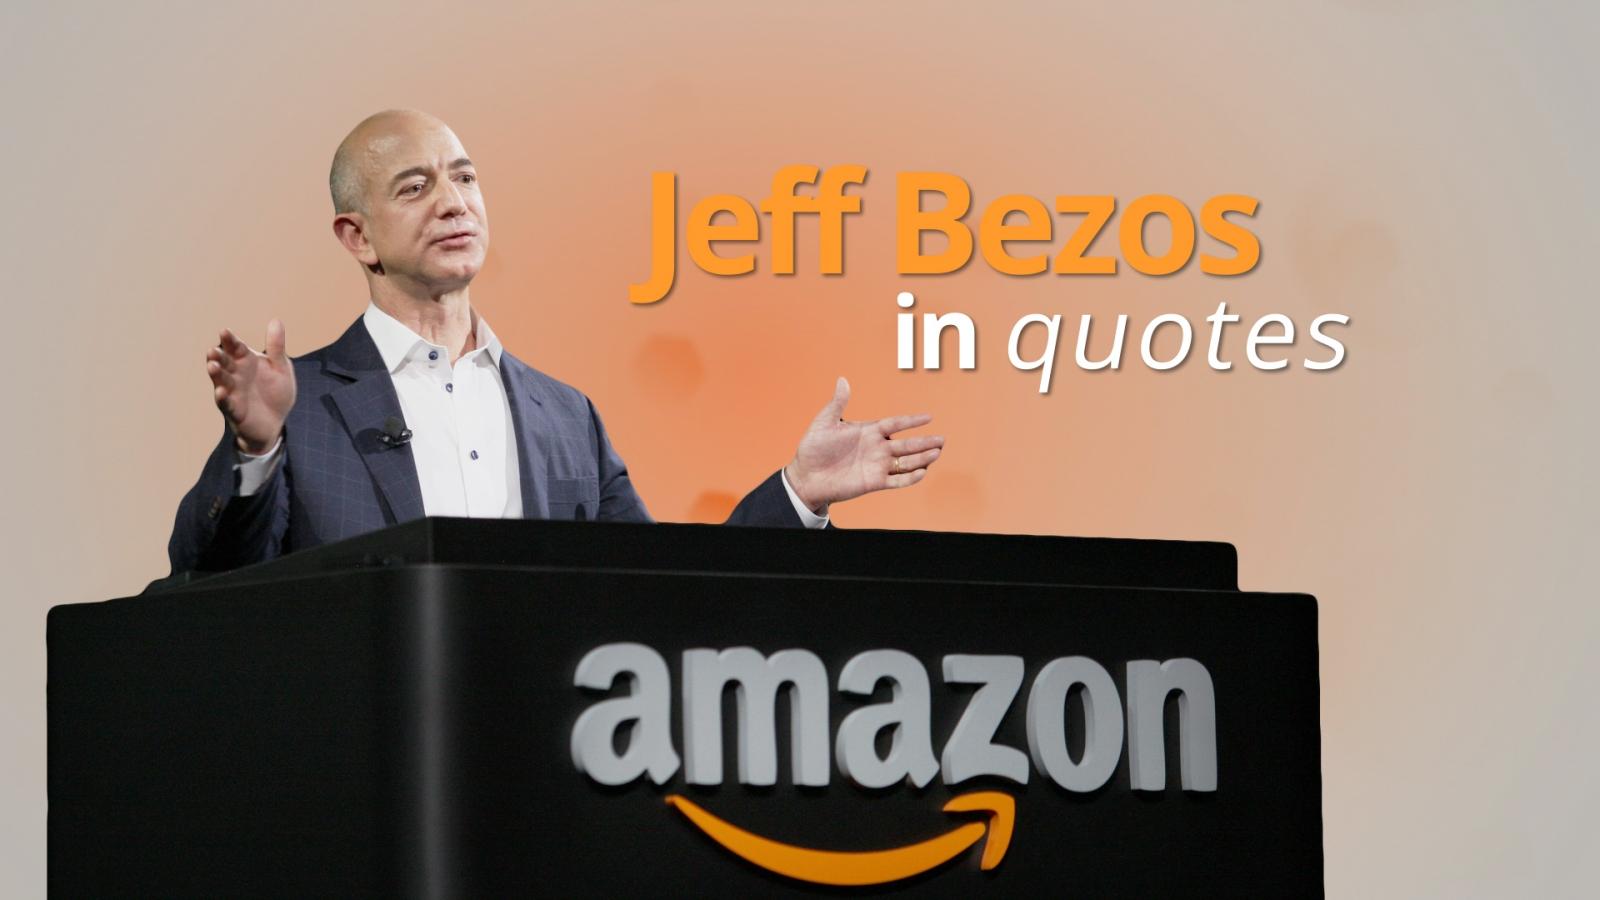 Amazon Founder Jeff Bezos In Quotes